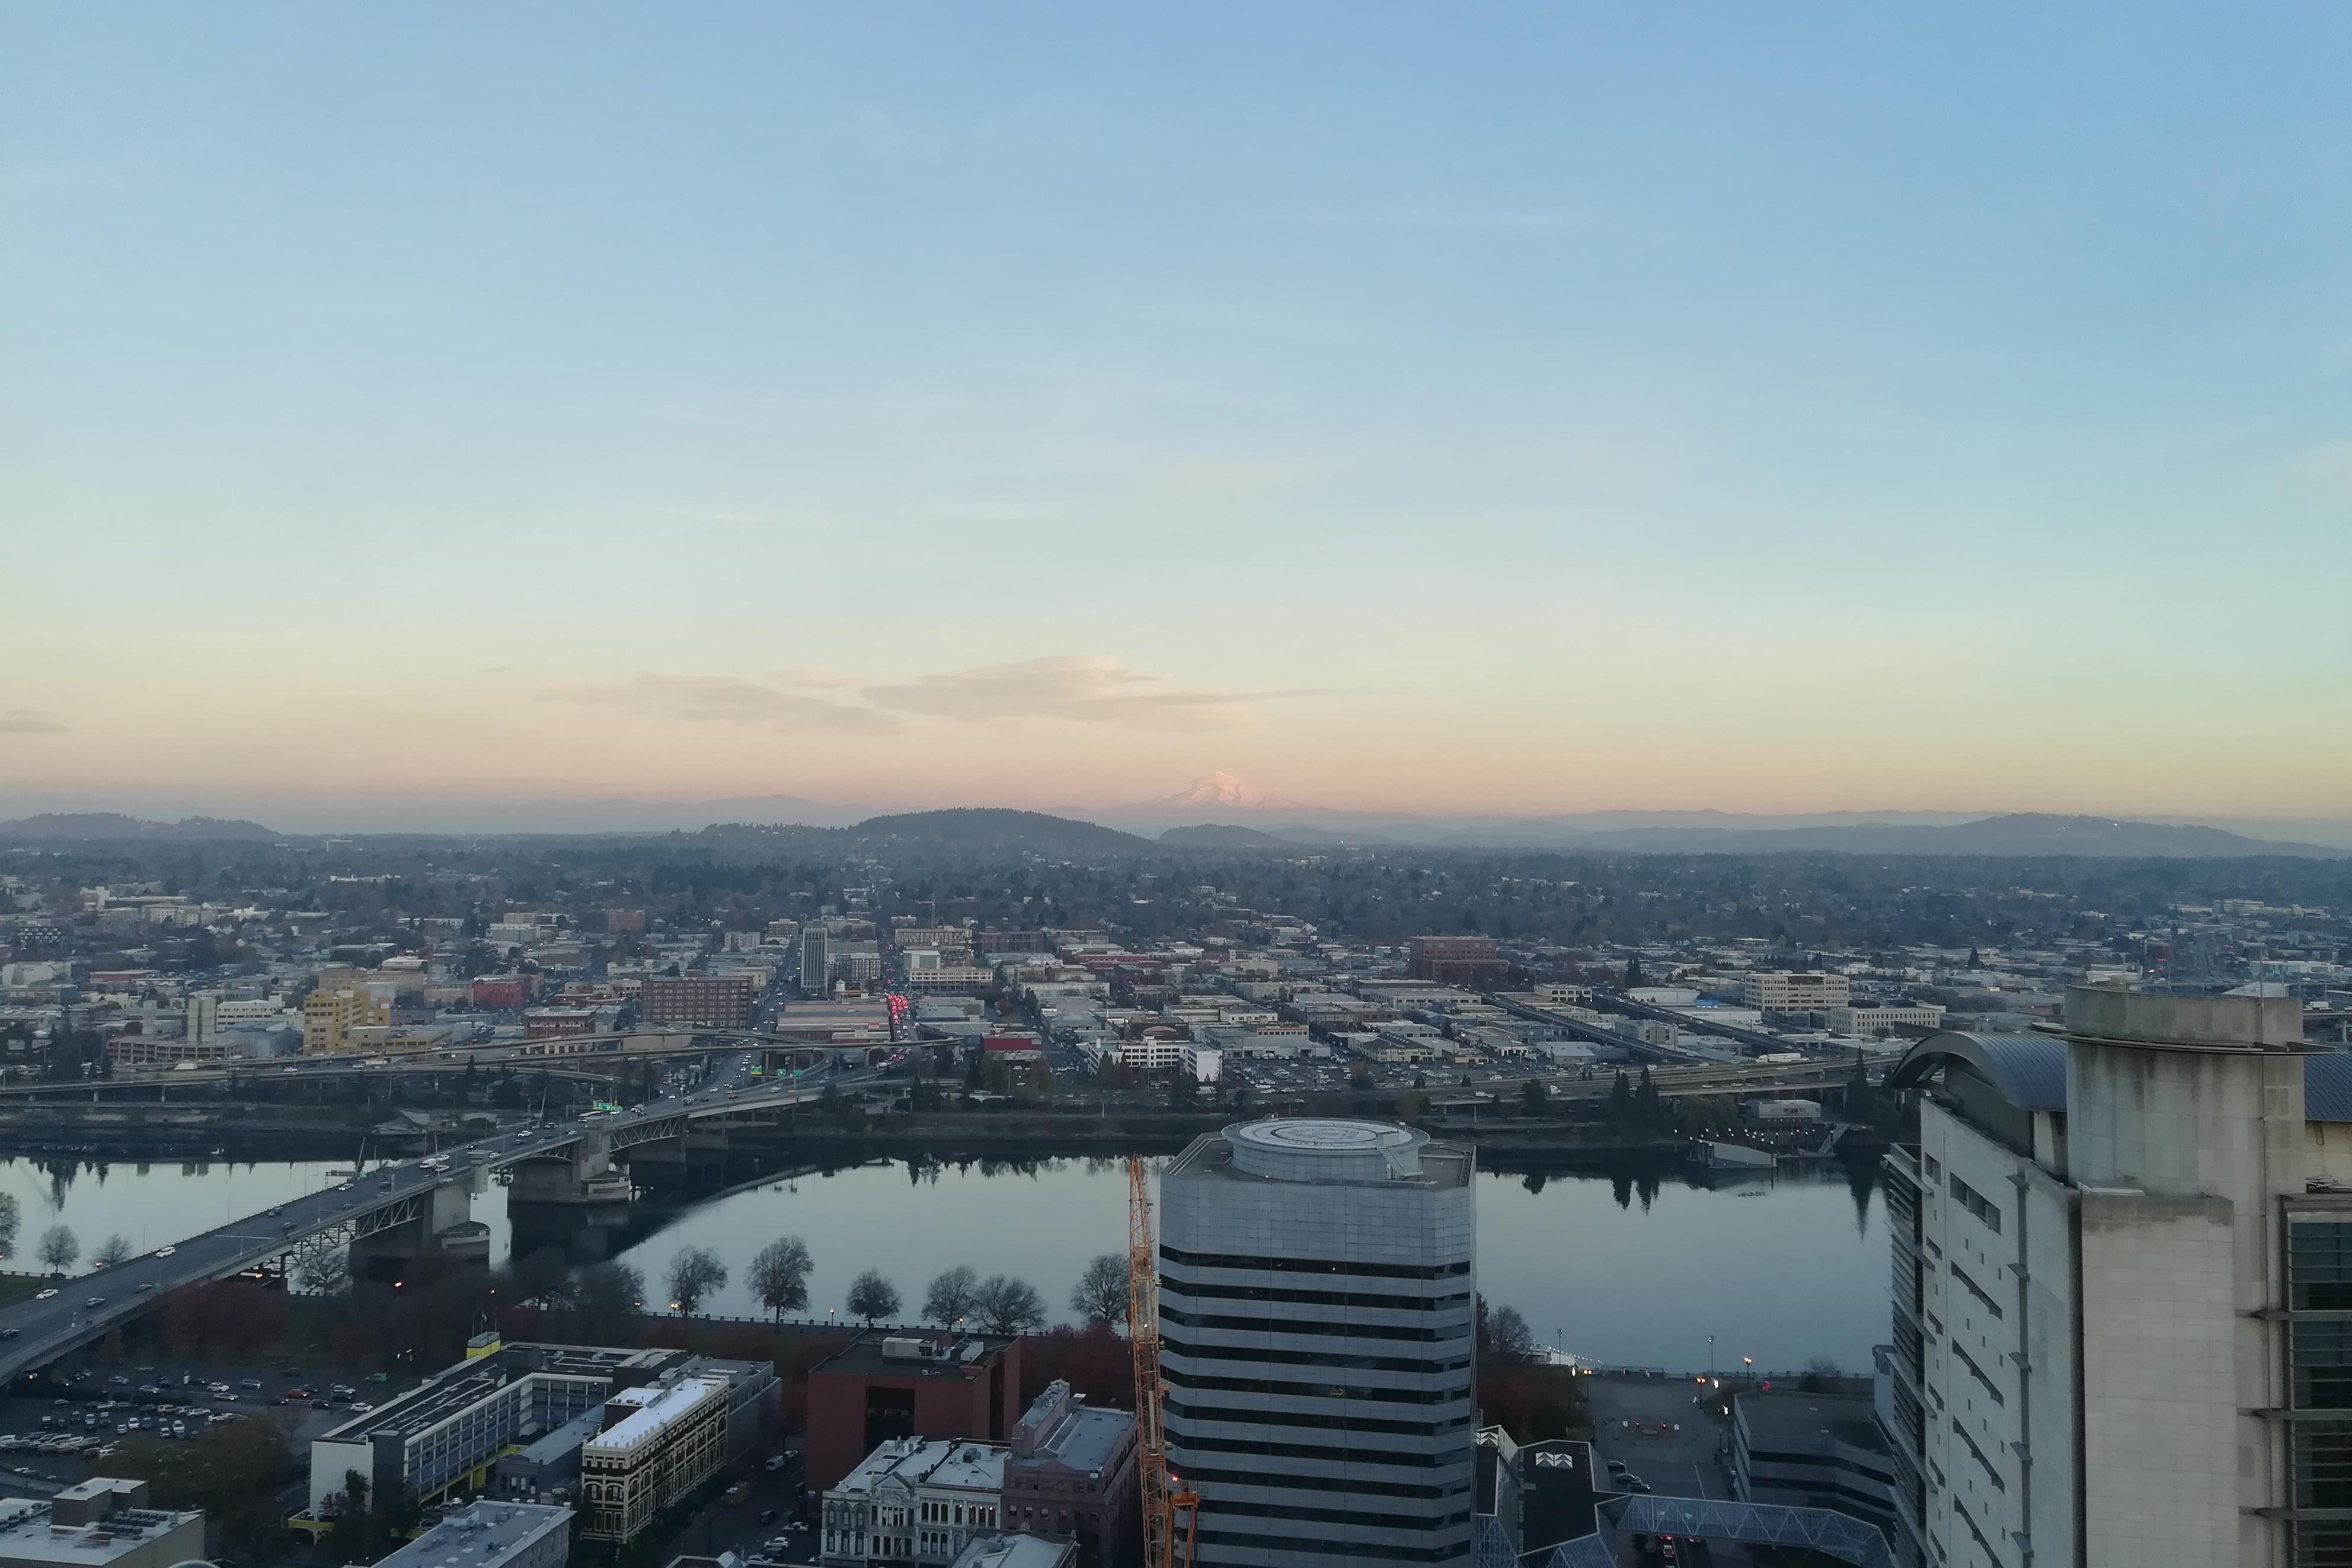 Pohled z downtown na východní část Portlandu